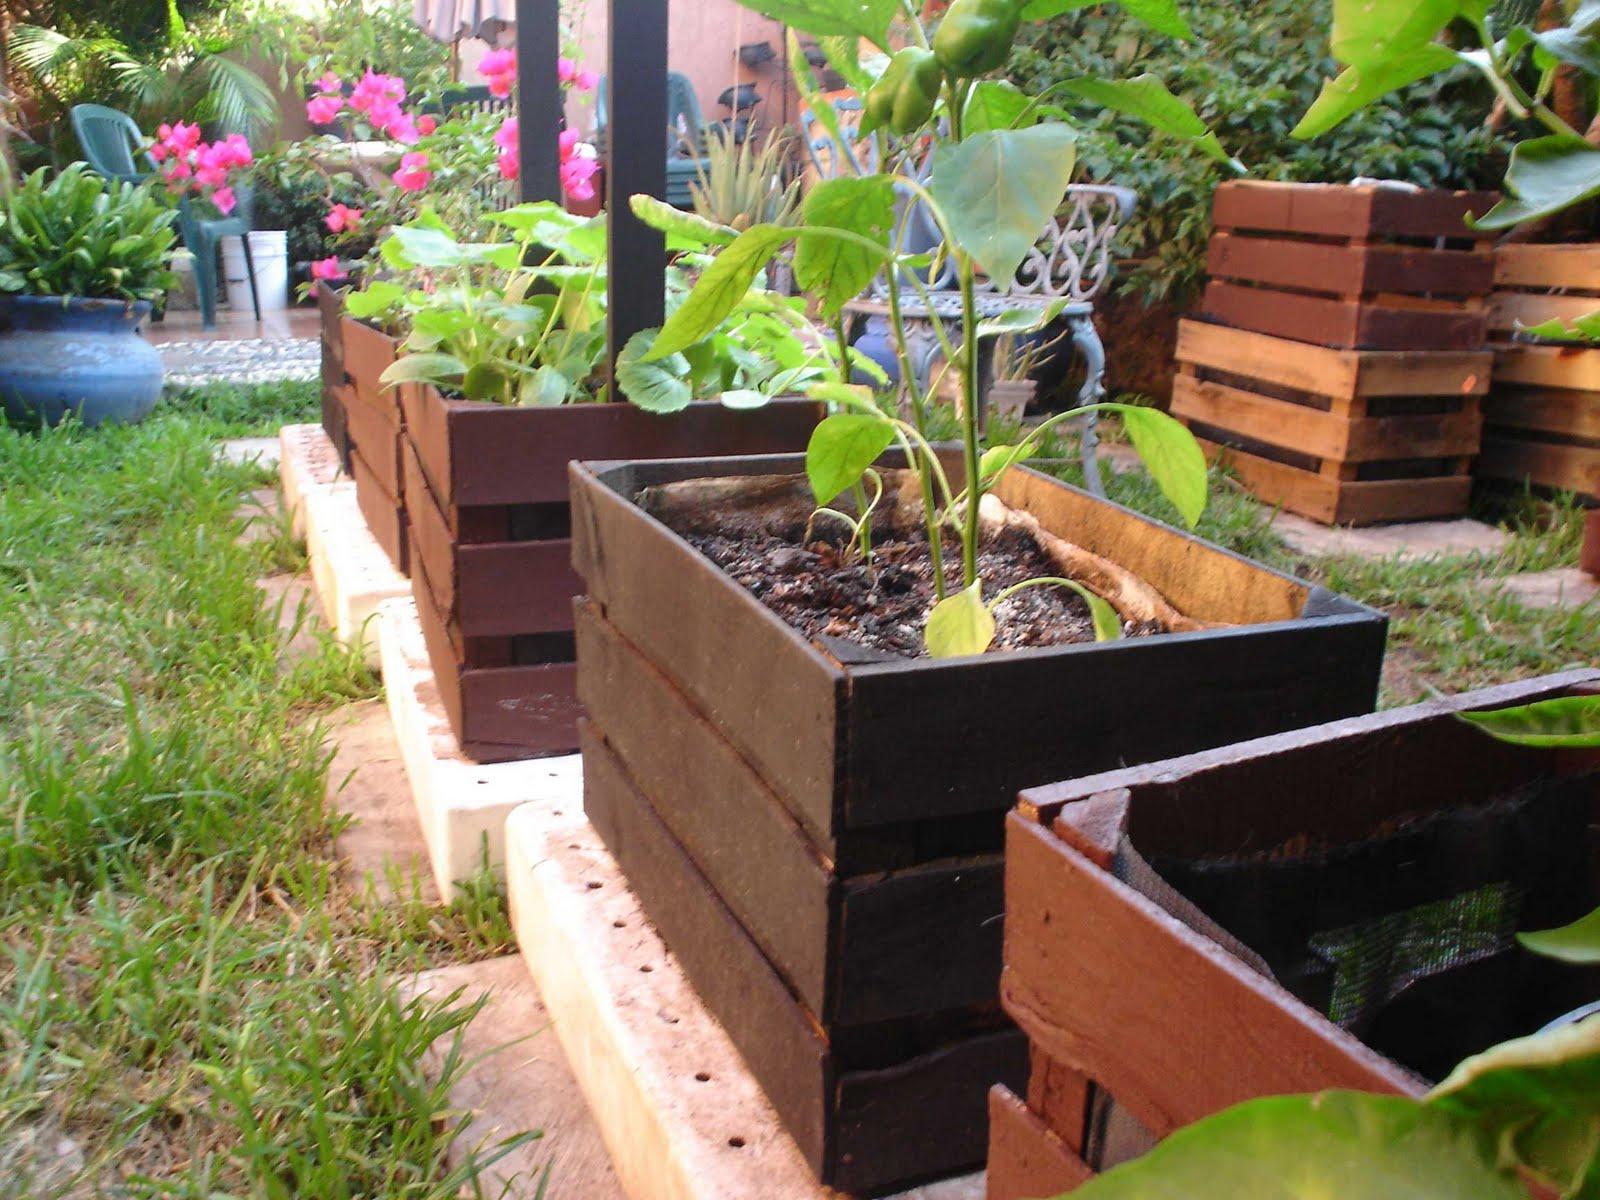 Planeta verde contruye un huerto familiar a base de huacales - Huerto en casa macetas ...